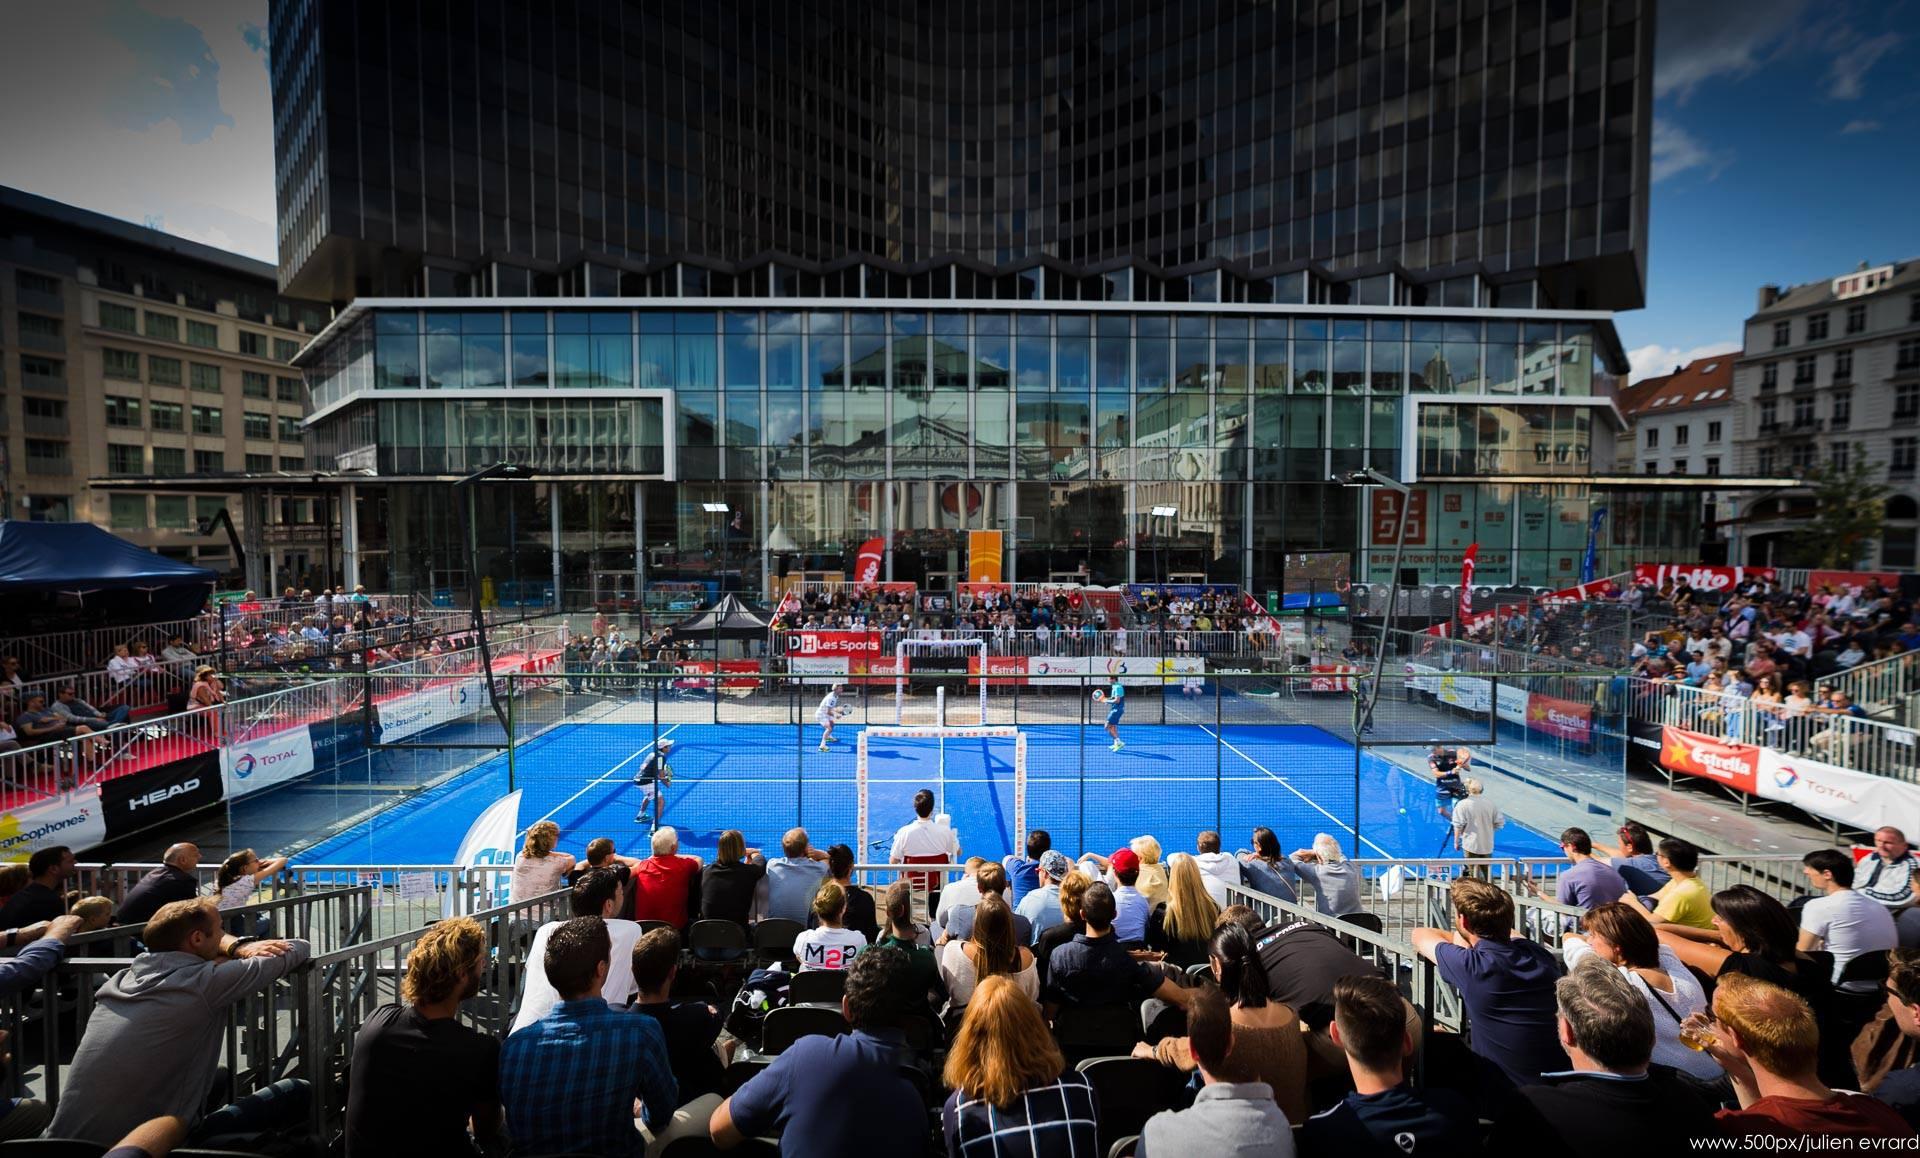 Le World Padel Tour Bruxelles des yeux de Julien Evrard : Magnifique